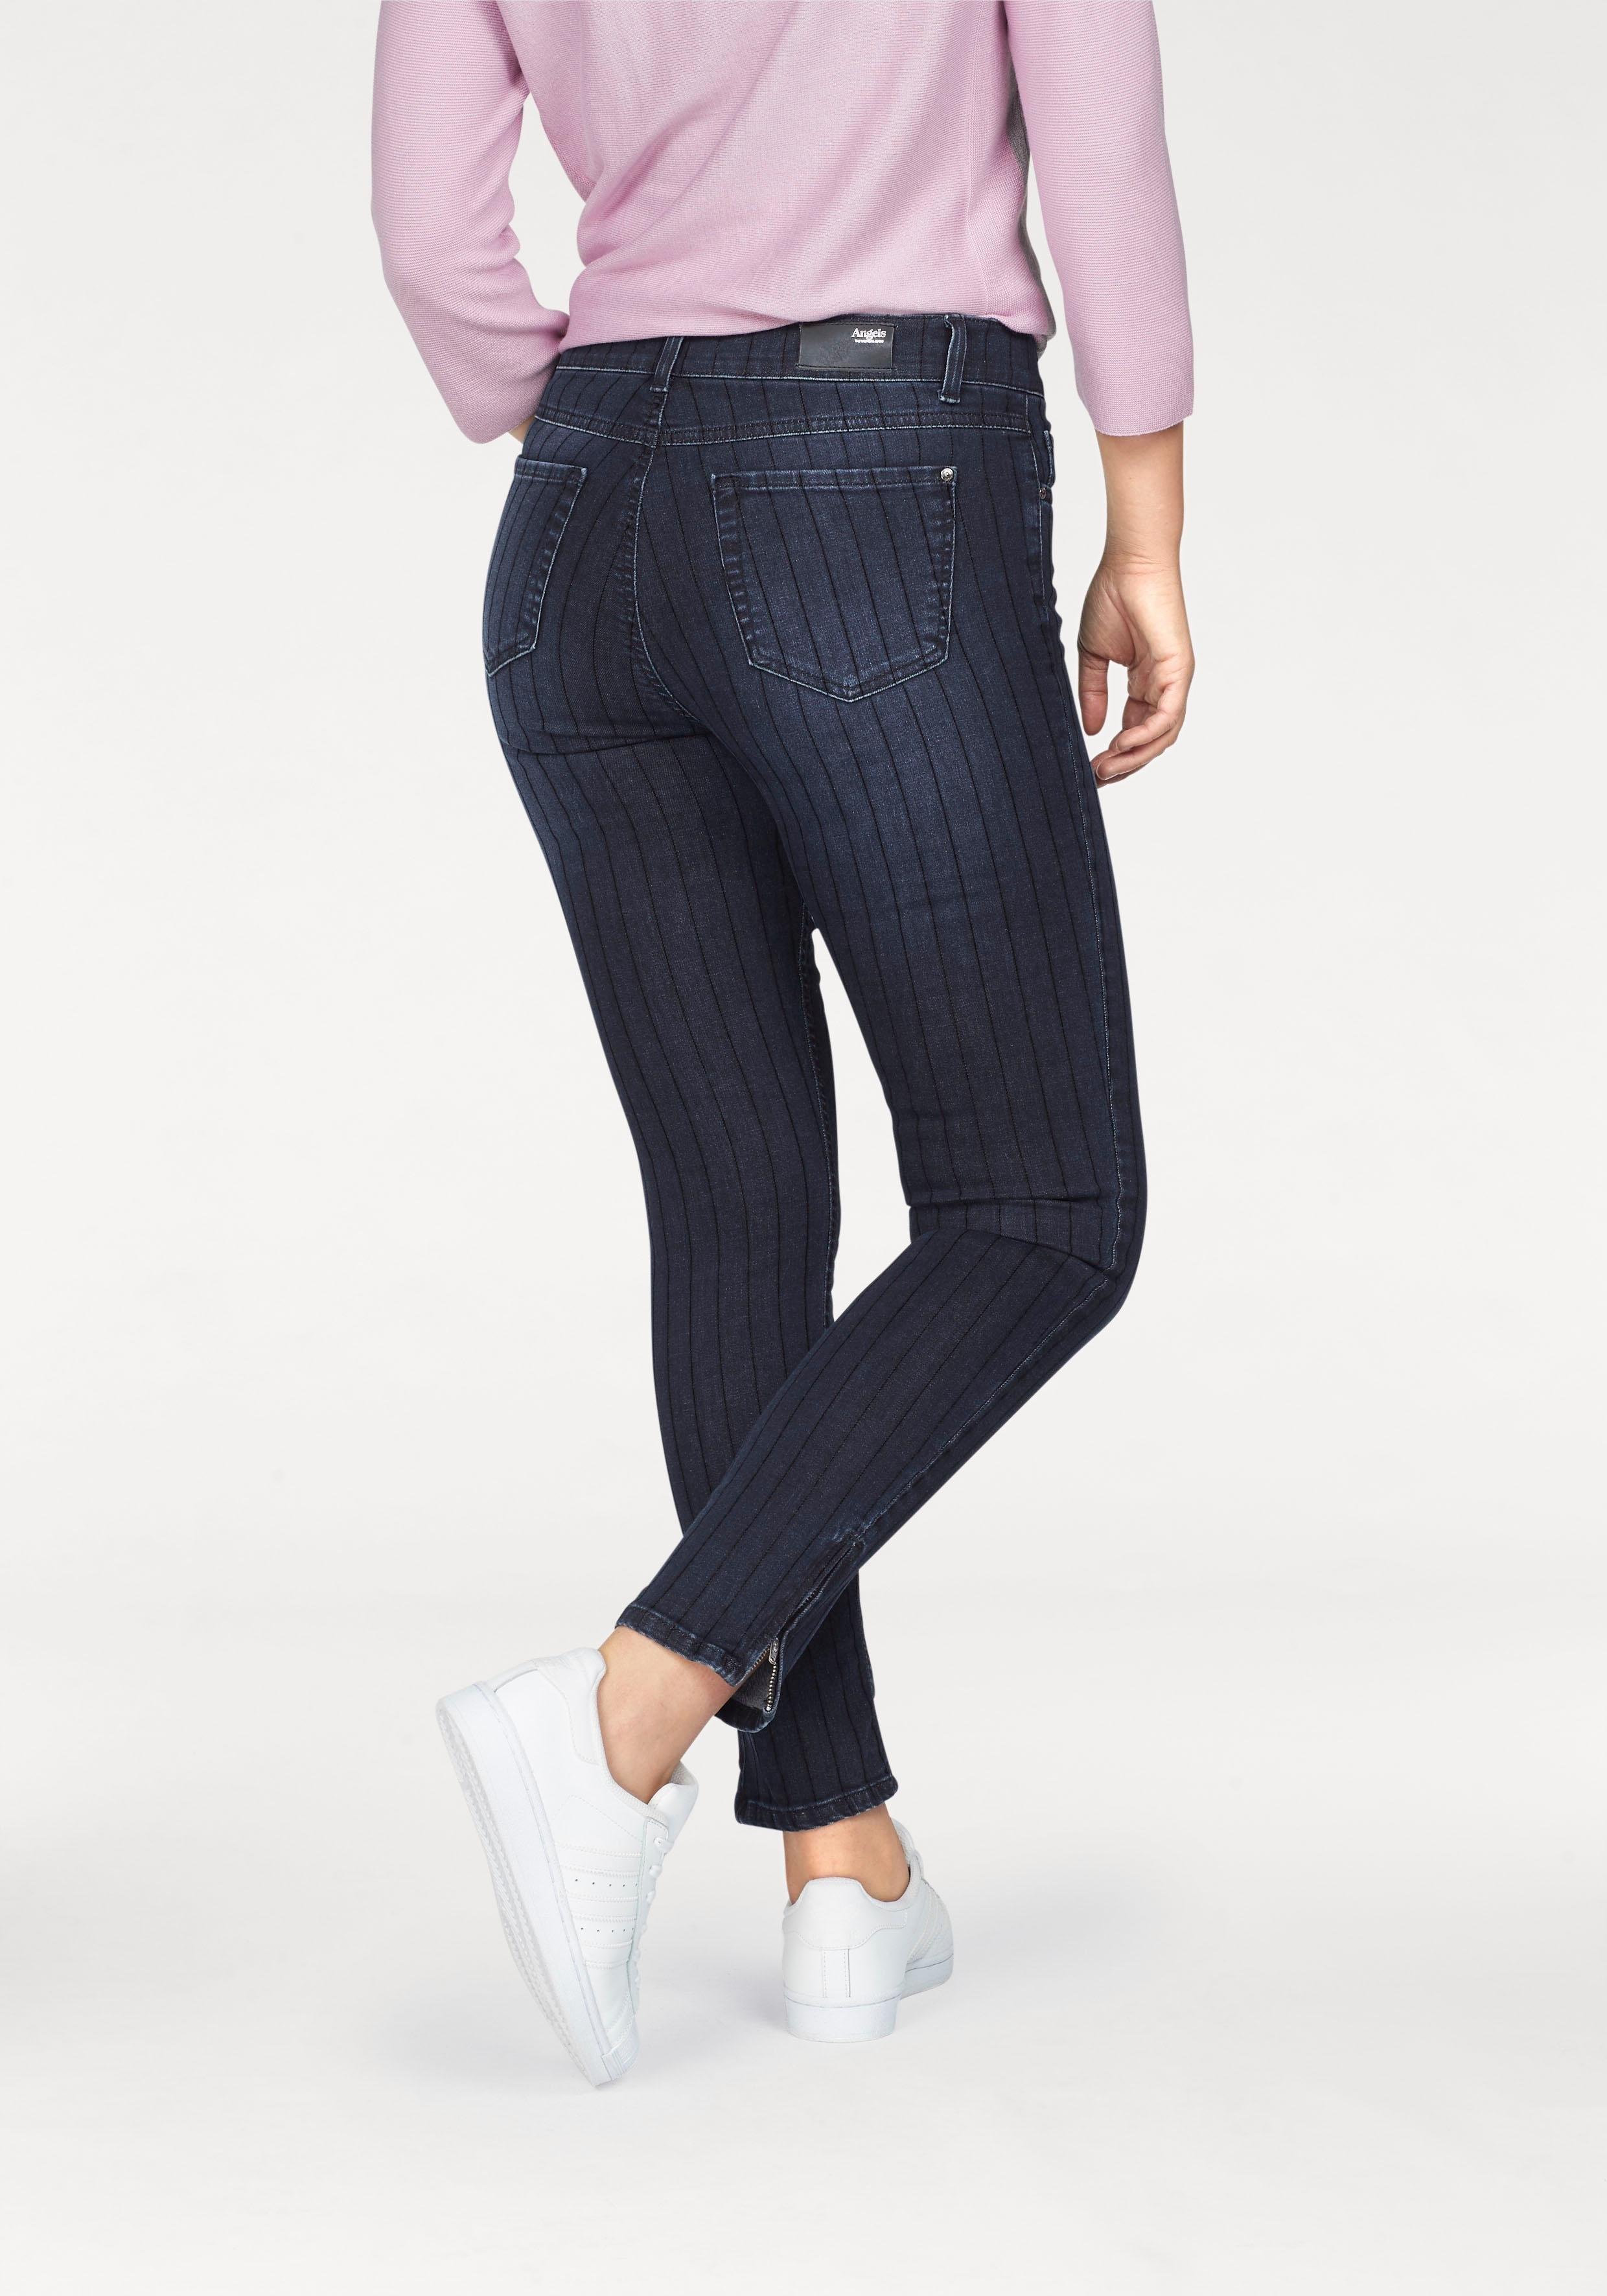 Op zoek naar een Angels skinny fit jeans »Skinny Zip«? Koop online bij OTTO